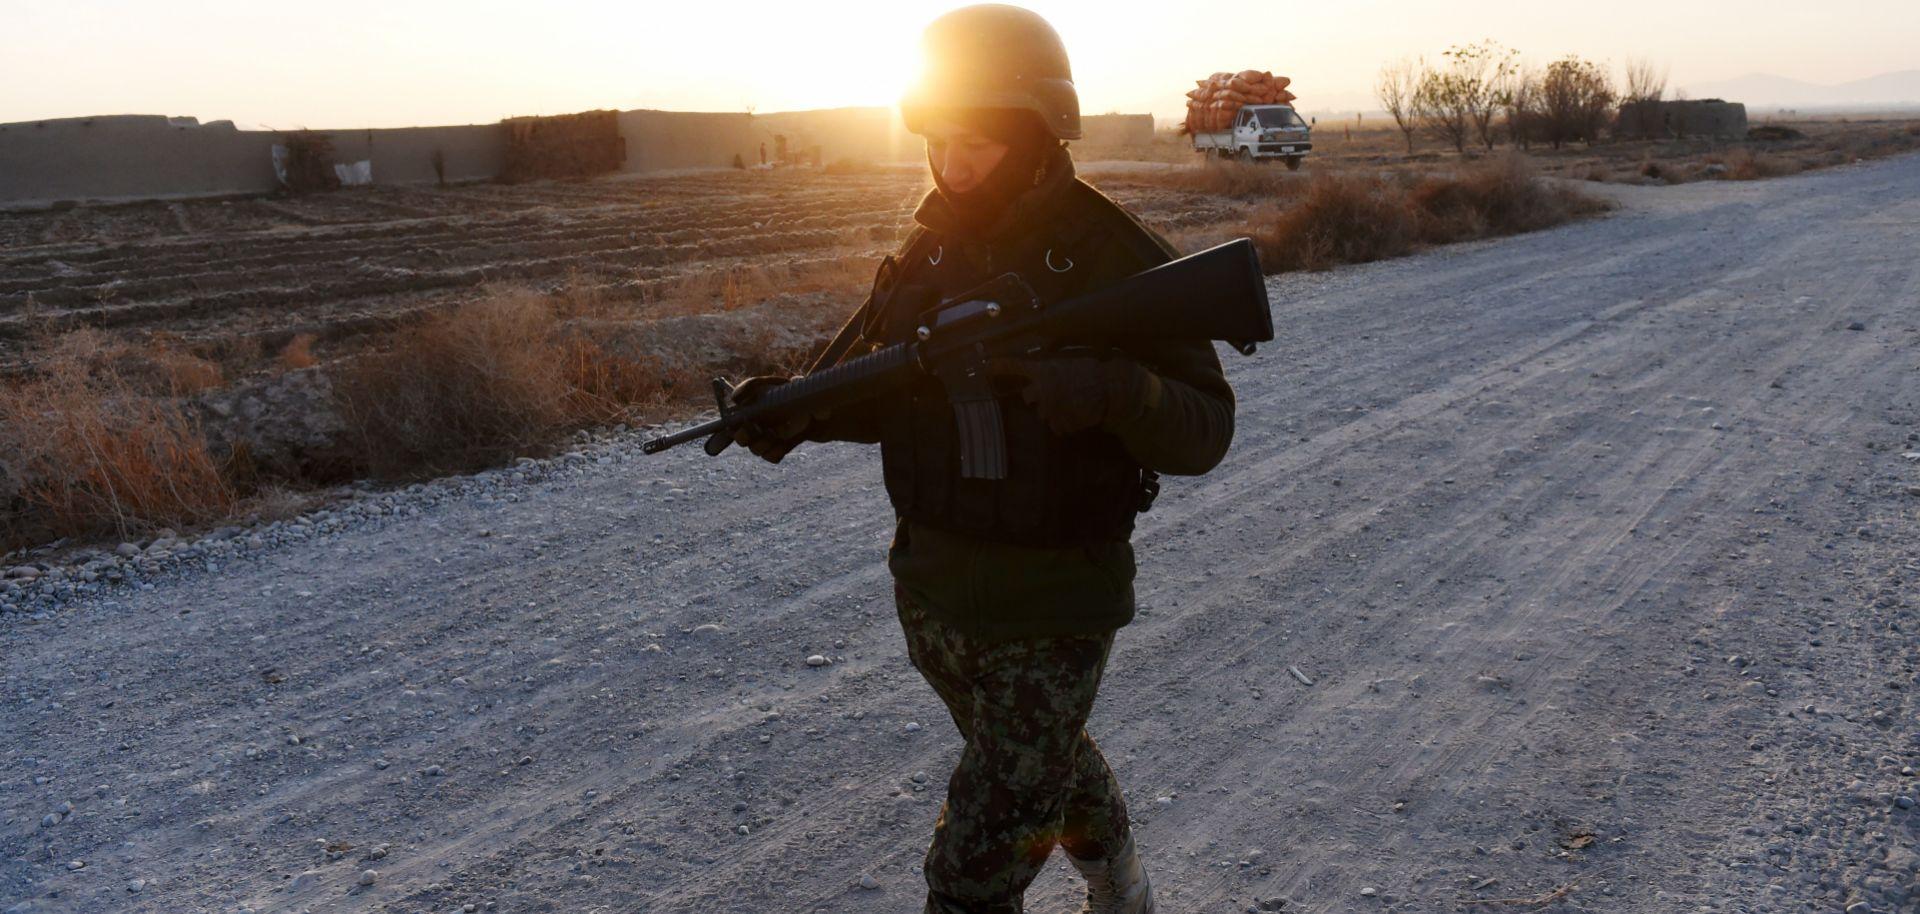 An Afghan soldier on patrol in southern Afghanistan, Dec. 11, 2014.